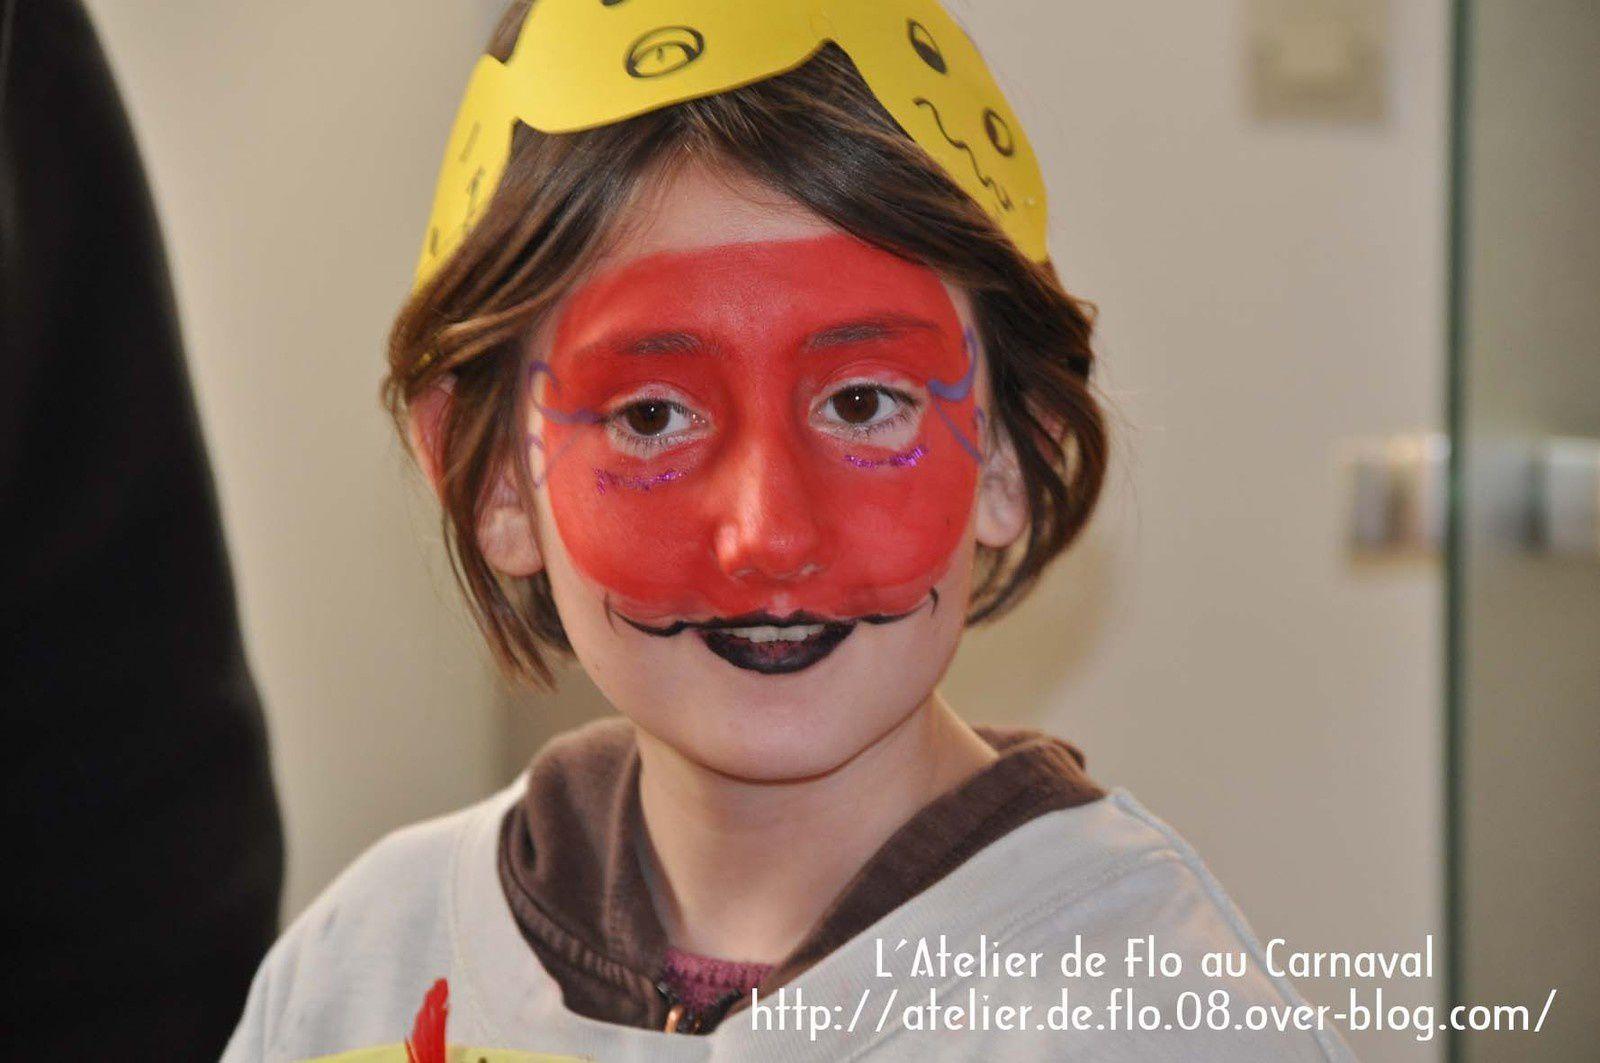 Le défilé avec les enfants de l'école qui font l'atelier peinture avec Flo et les artistes de l'Atelier de Flo